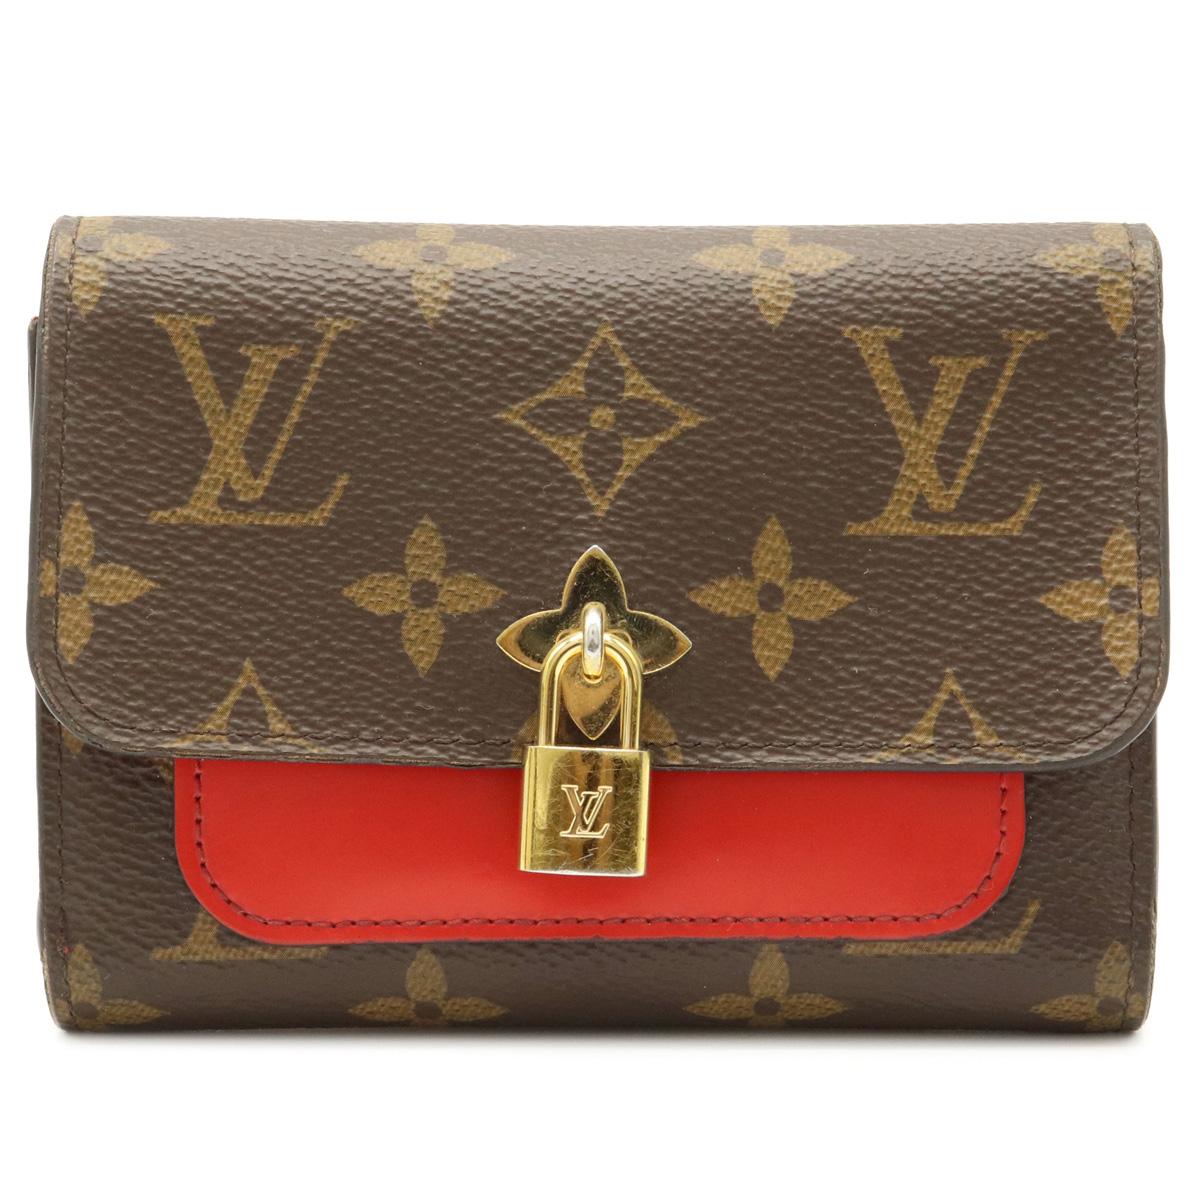 財布 LOUIS VUITTON ルイ ヴィトン モノグラム ポルトフォイユ フラワー コンパクト 売れ筋ランキング 中古 返品送料無料 M62567 三つ折り財布 3つ折財布 レザー レッド 赤 コクリコ